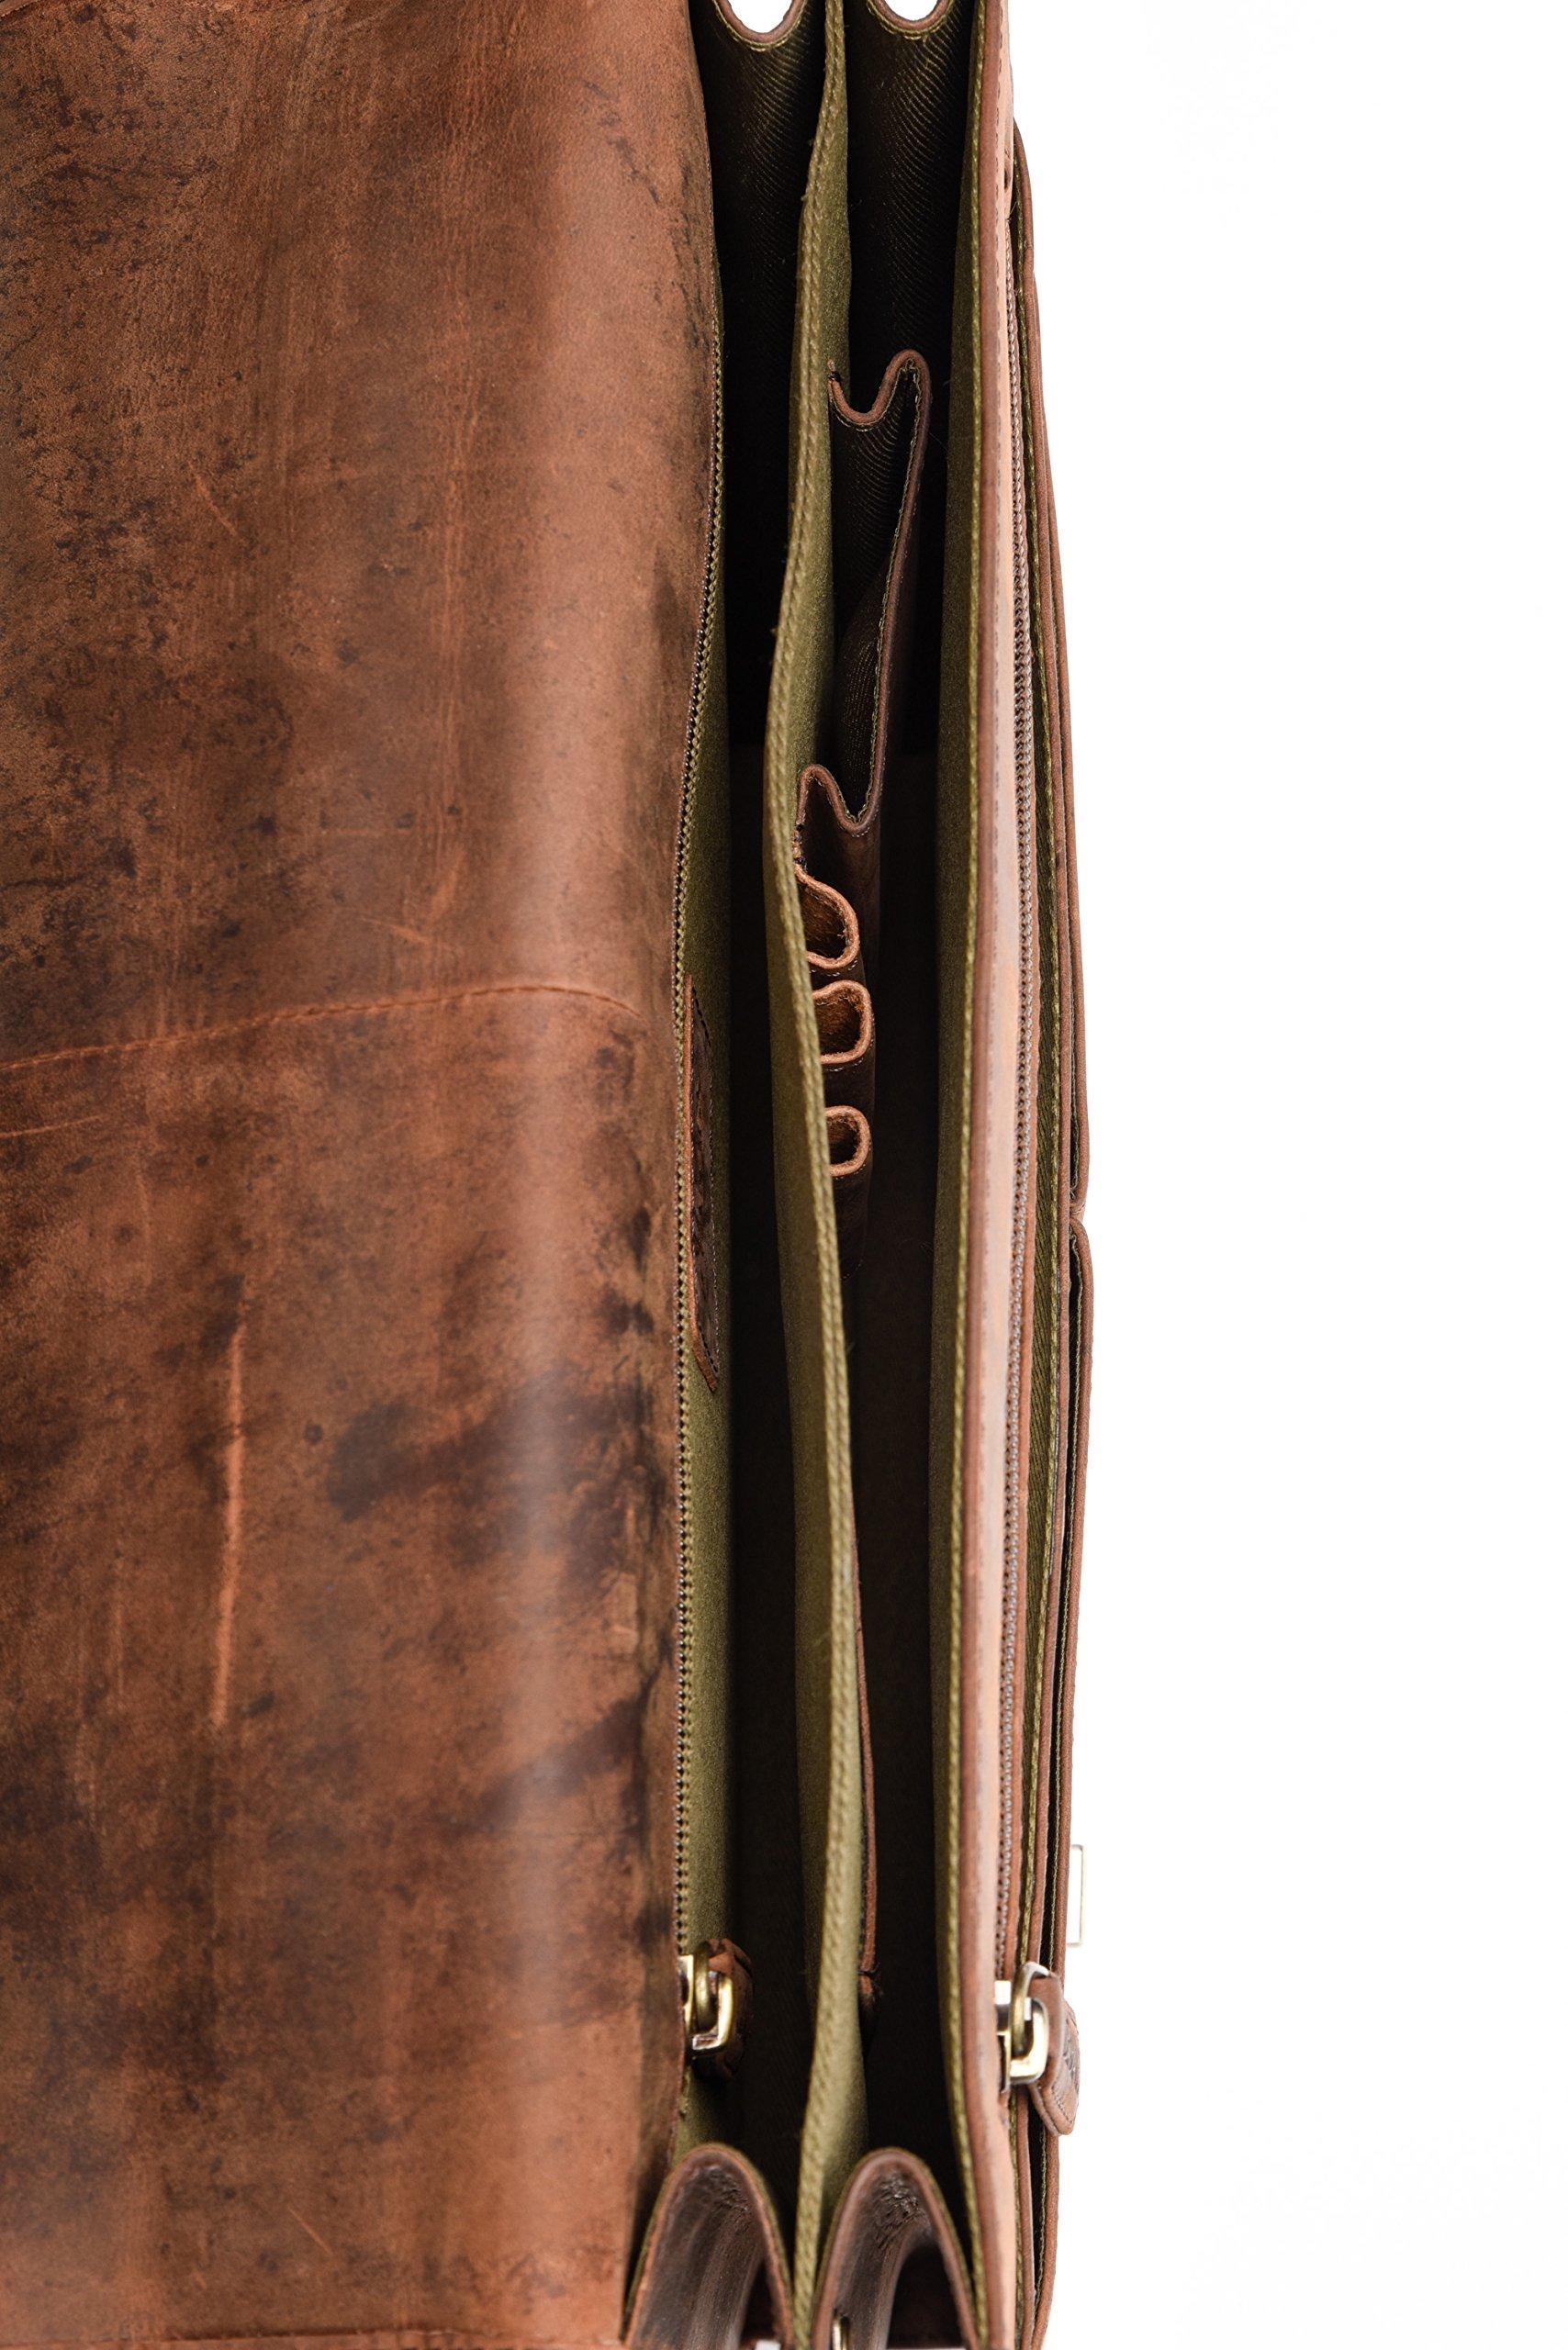 LEABAGS Oakland maletín de auténtico Cuero búfalo en el Estilo Vintage – NuezMoscada